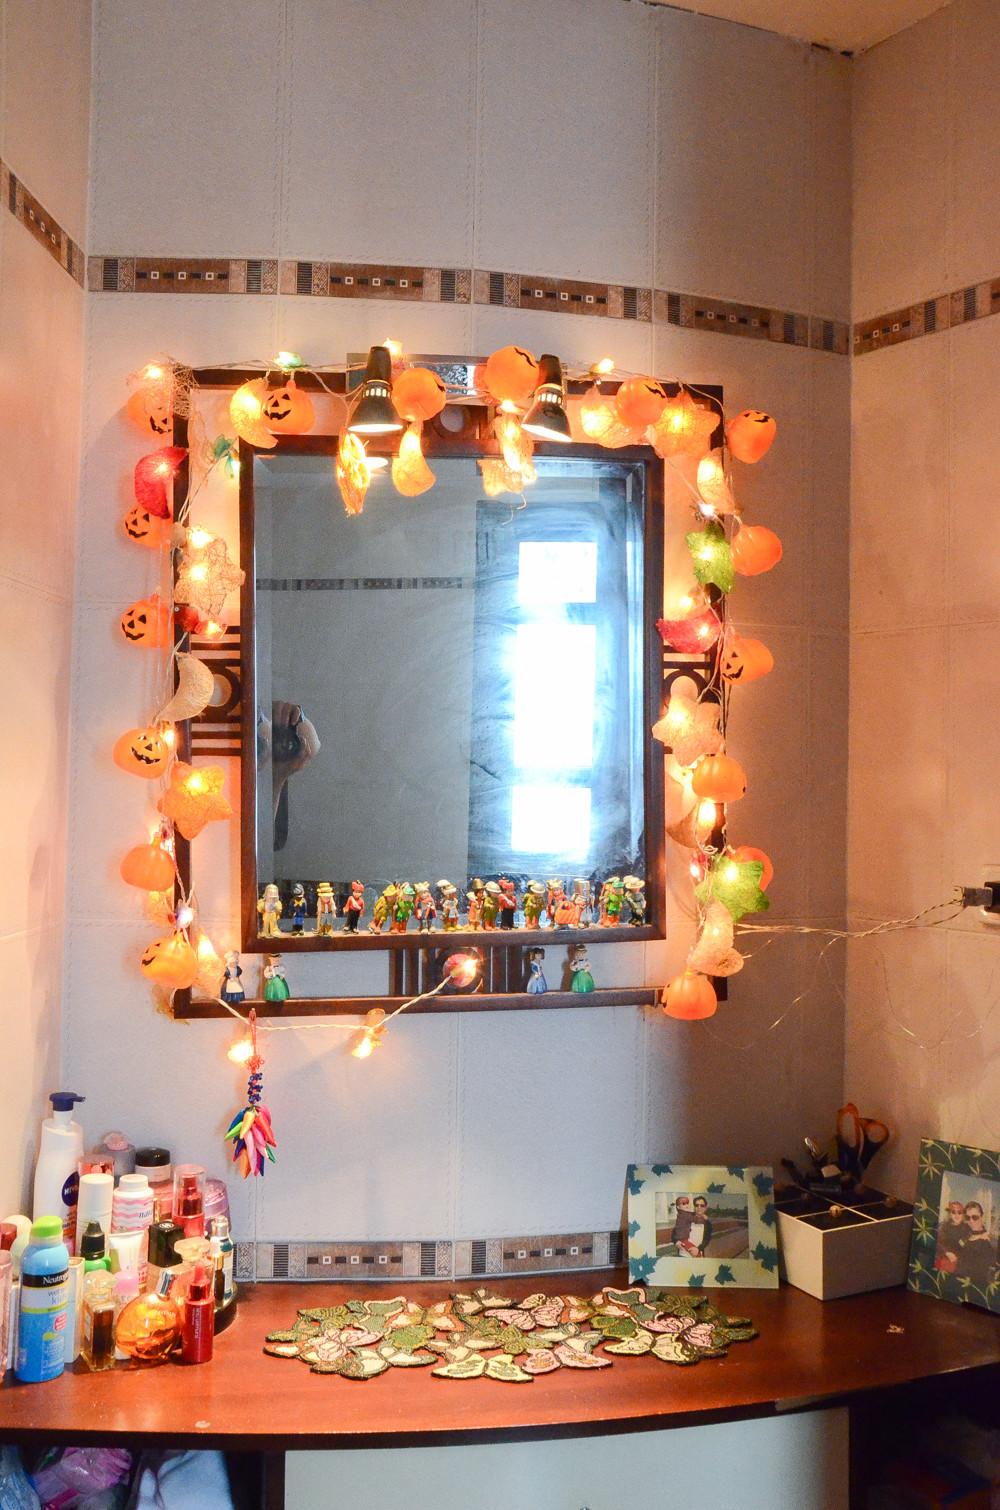 Không gian khắp căn nhà tràn ngập hình ảnh bí ngô và không khí Halloween.2